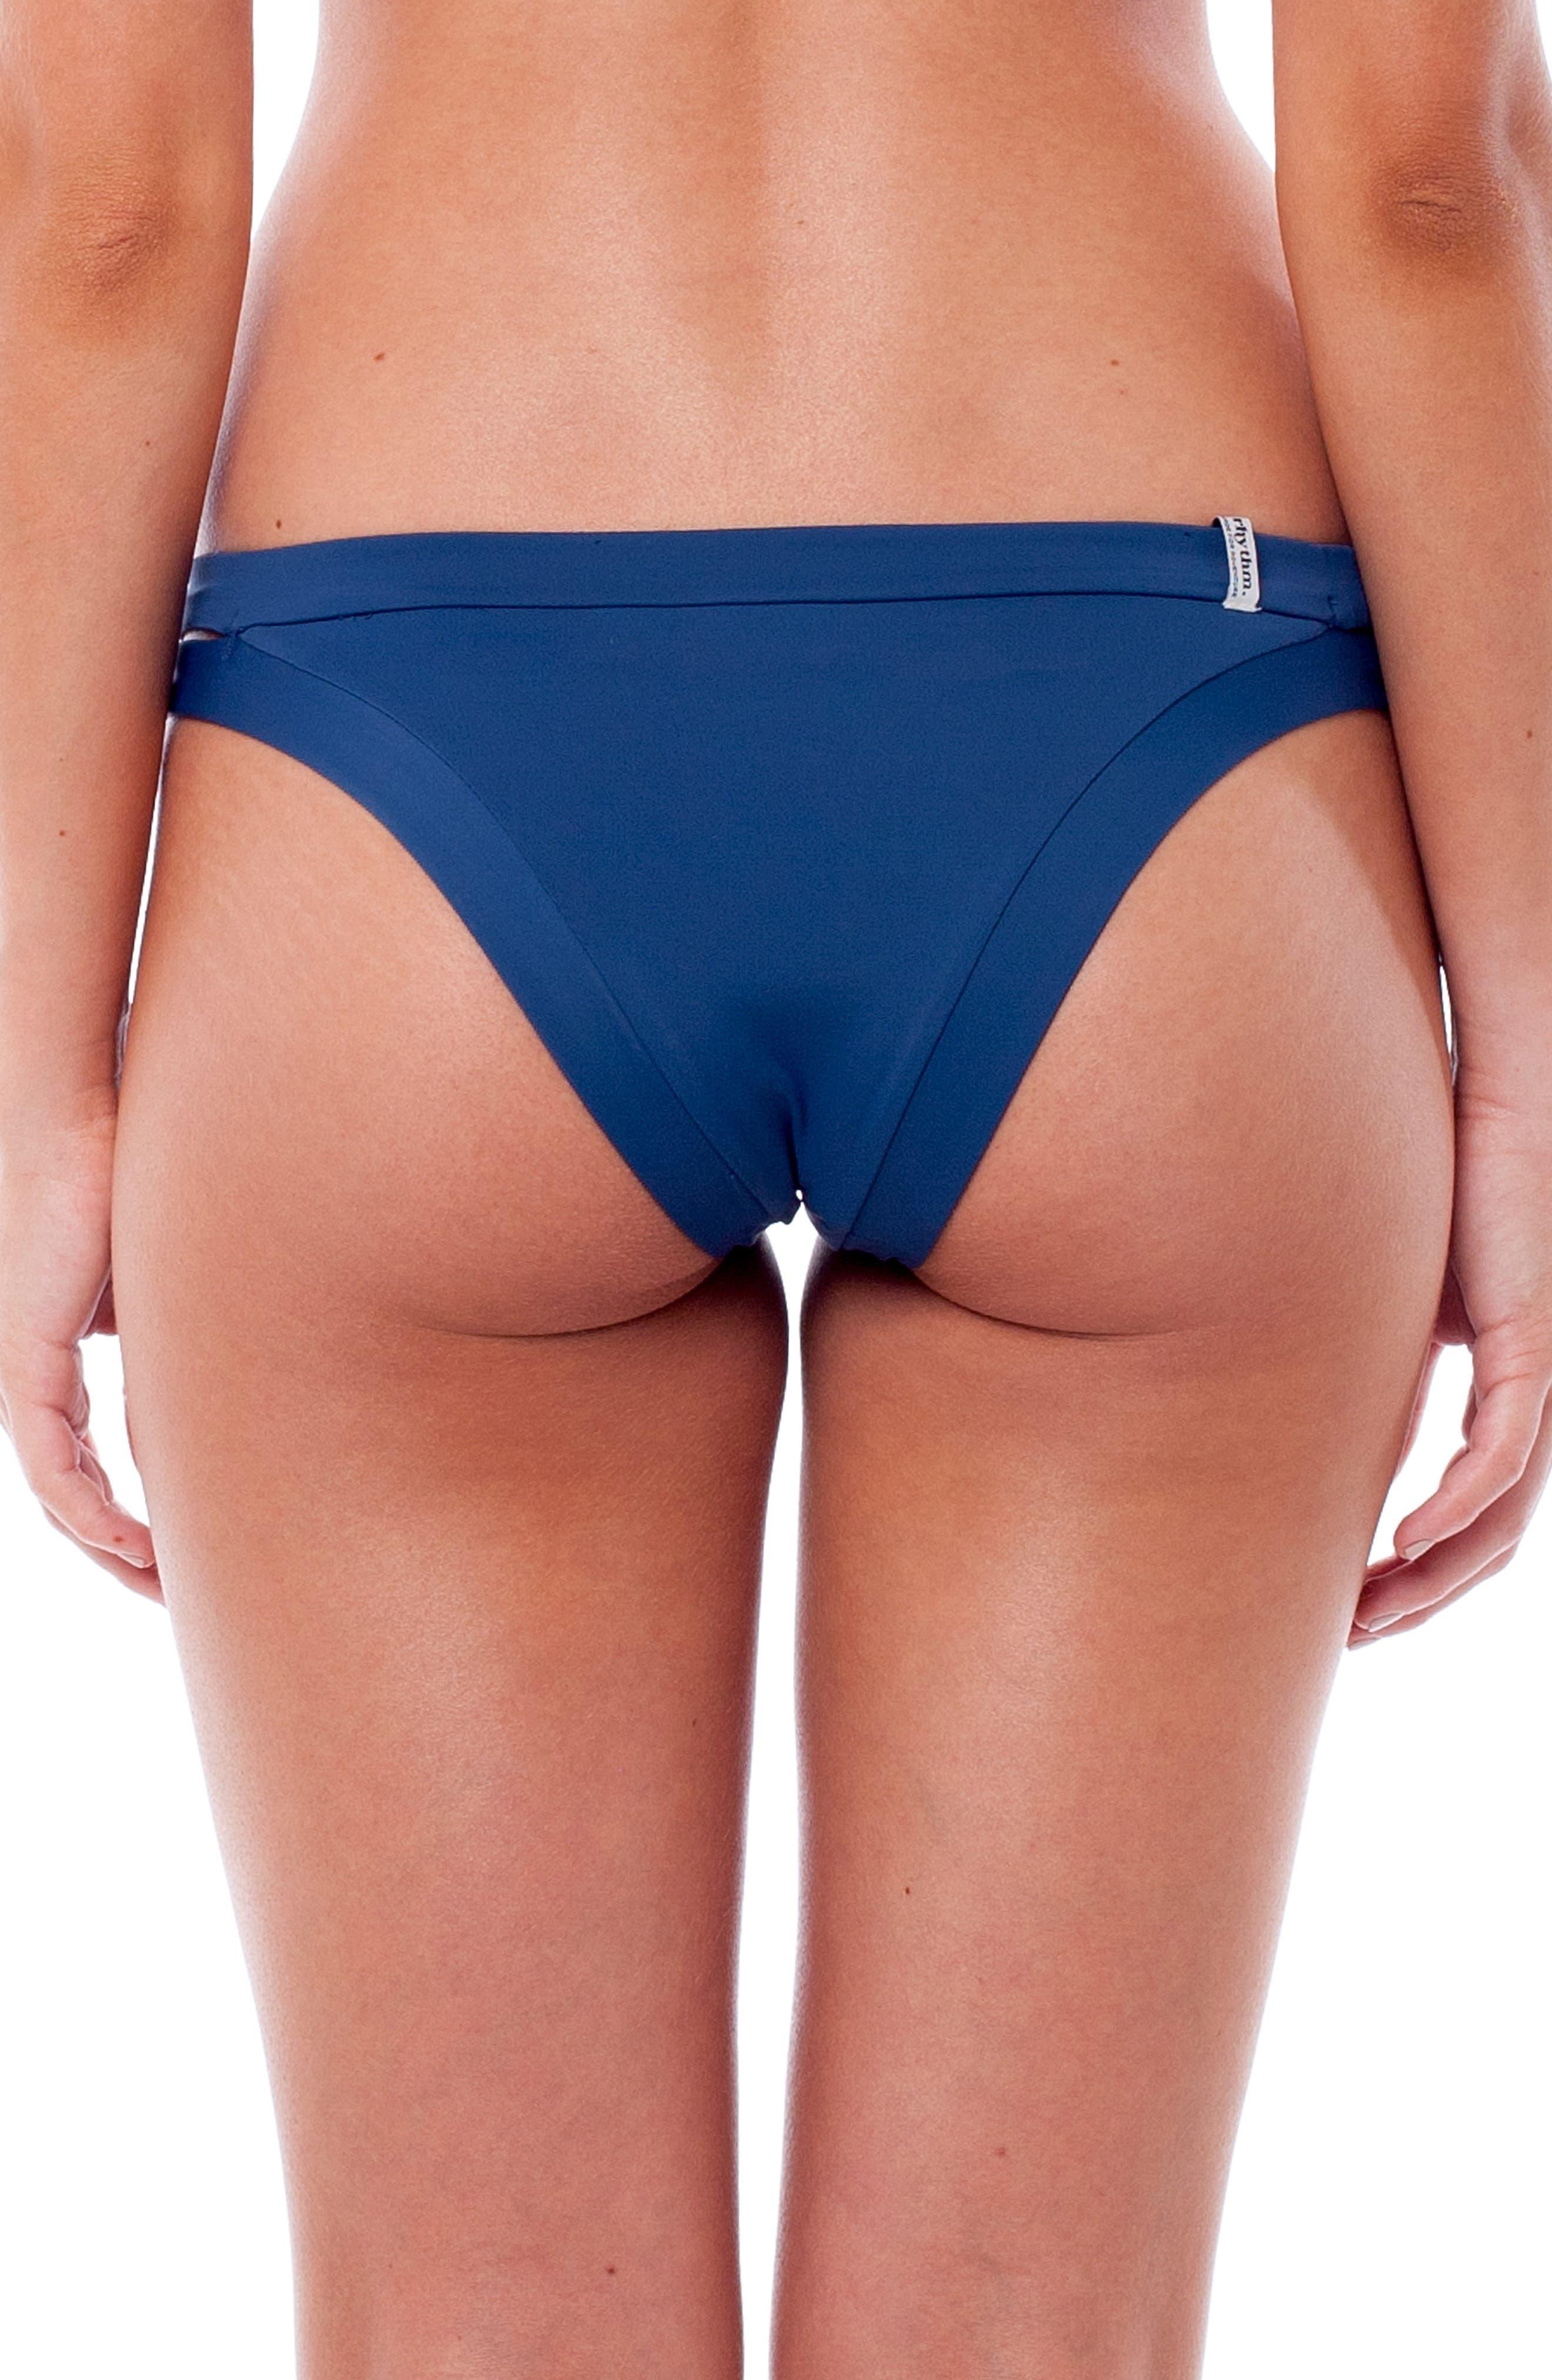 Sunchaser Bikini Bottoms,                             Alternate thumbnail 2, color,                             Navy